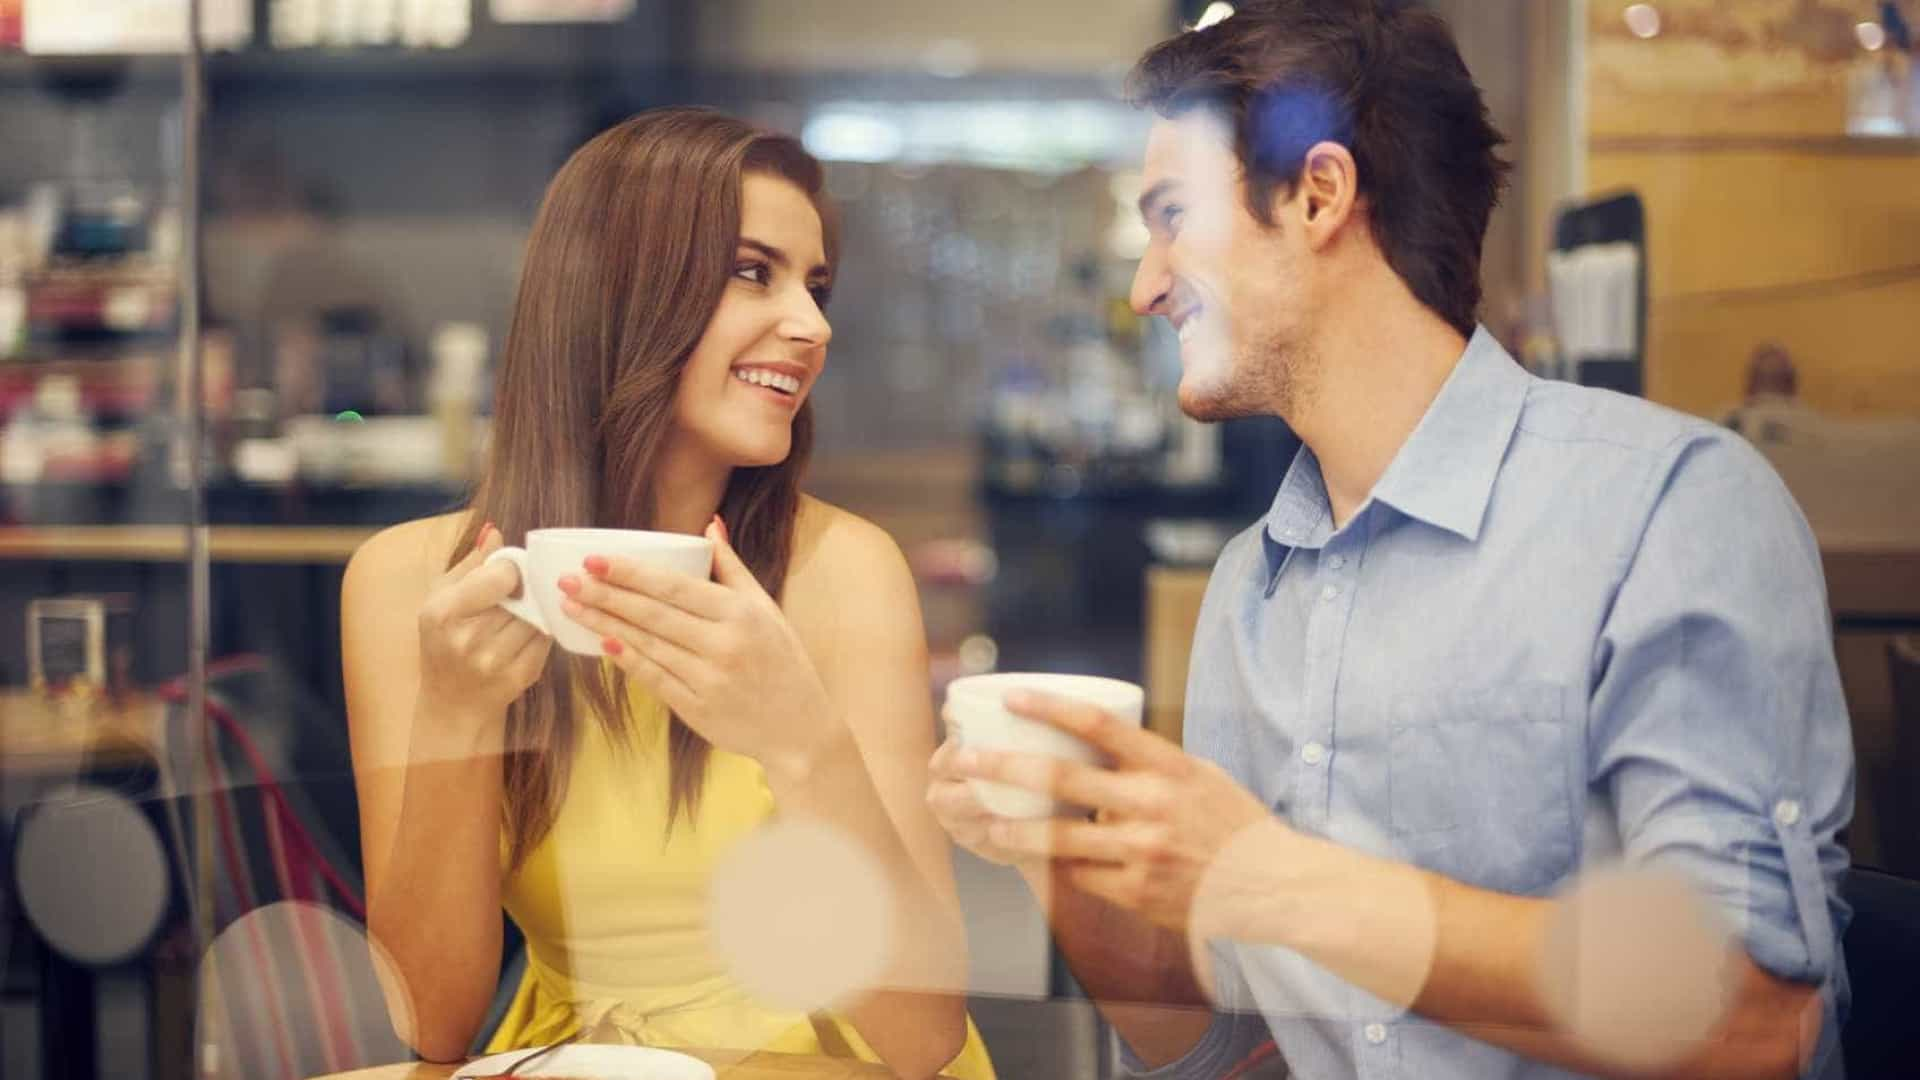 rede social encontros caseiras brasil